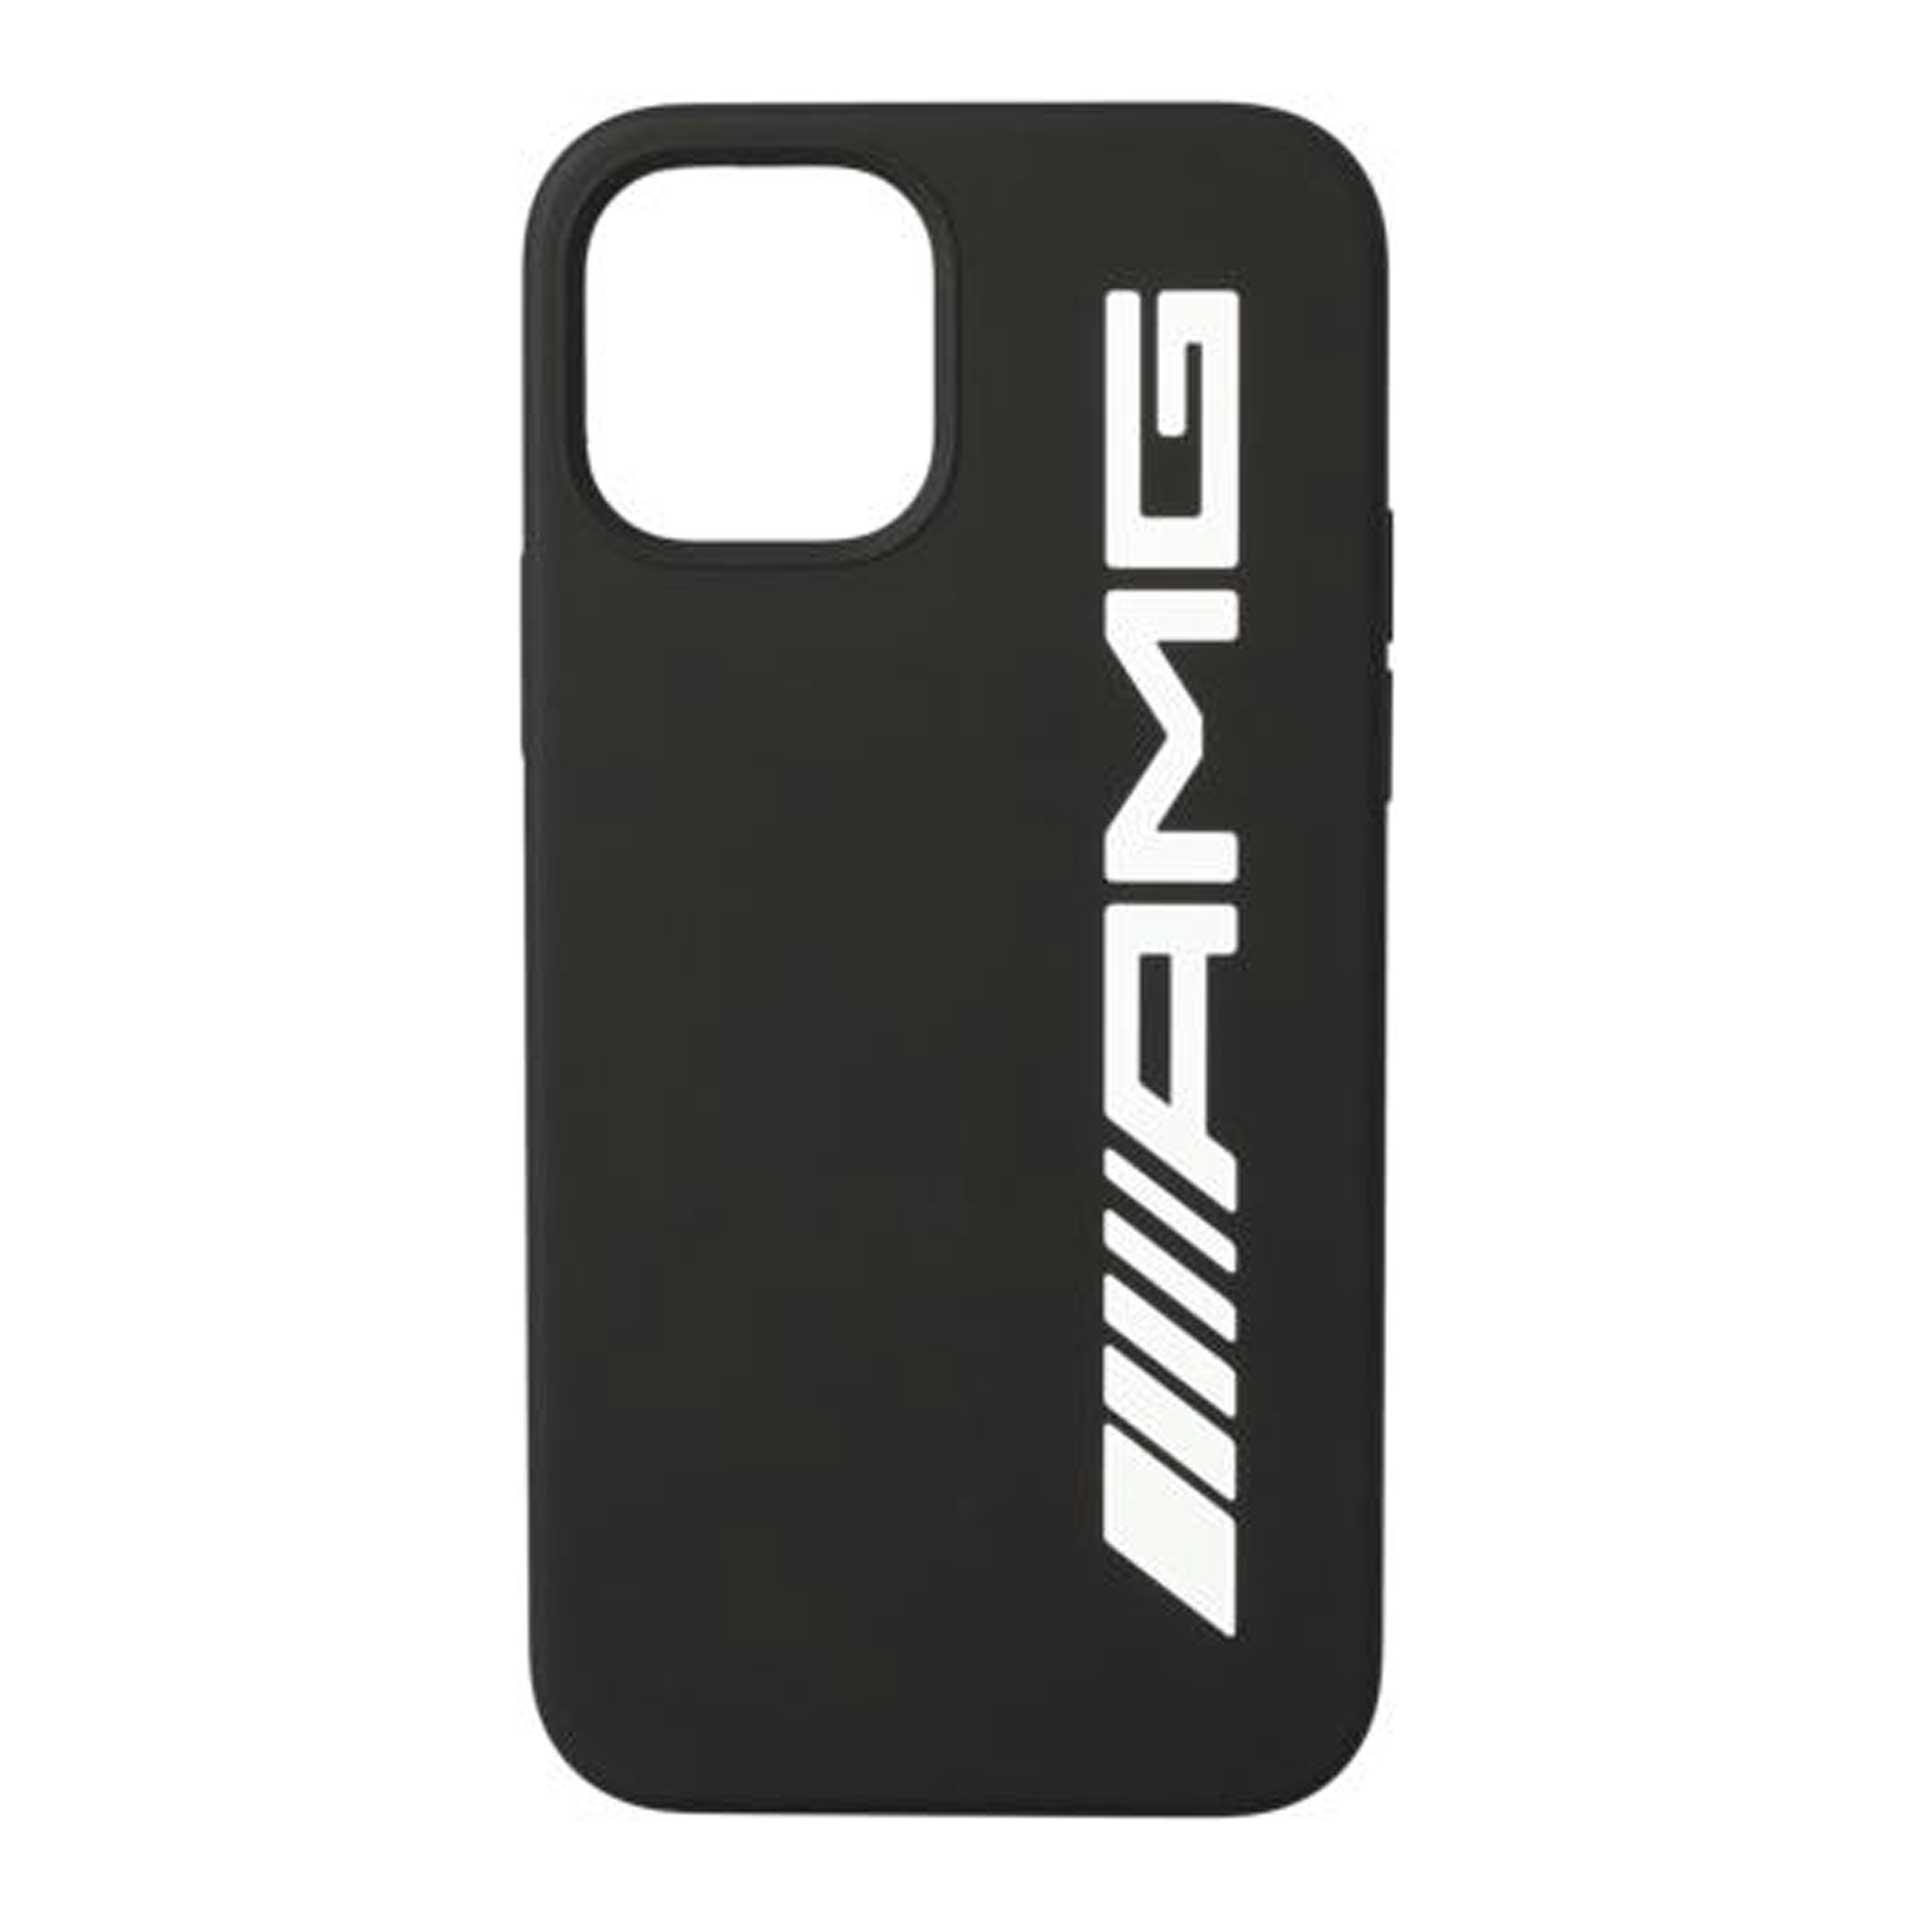 Mercedes-AMG Handyhülle für iPhone® 12 Pro/iPhone® 12